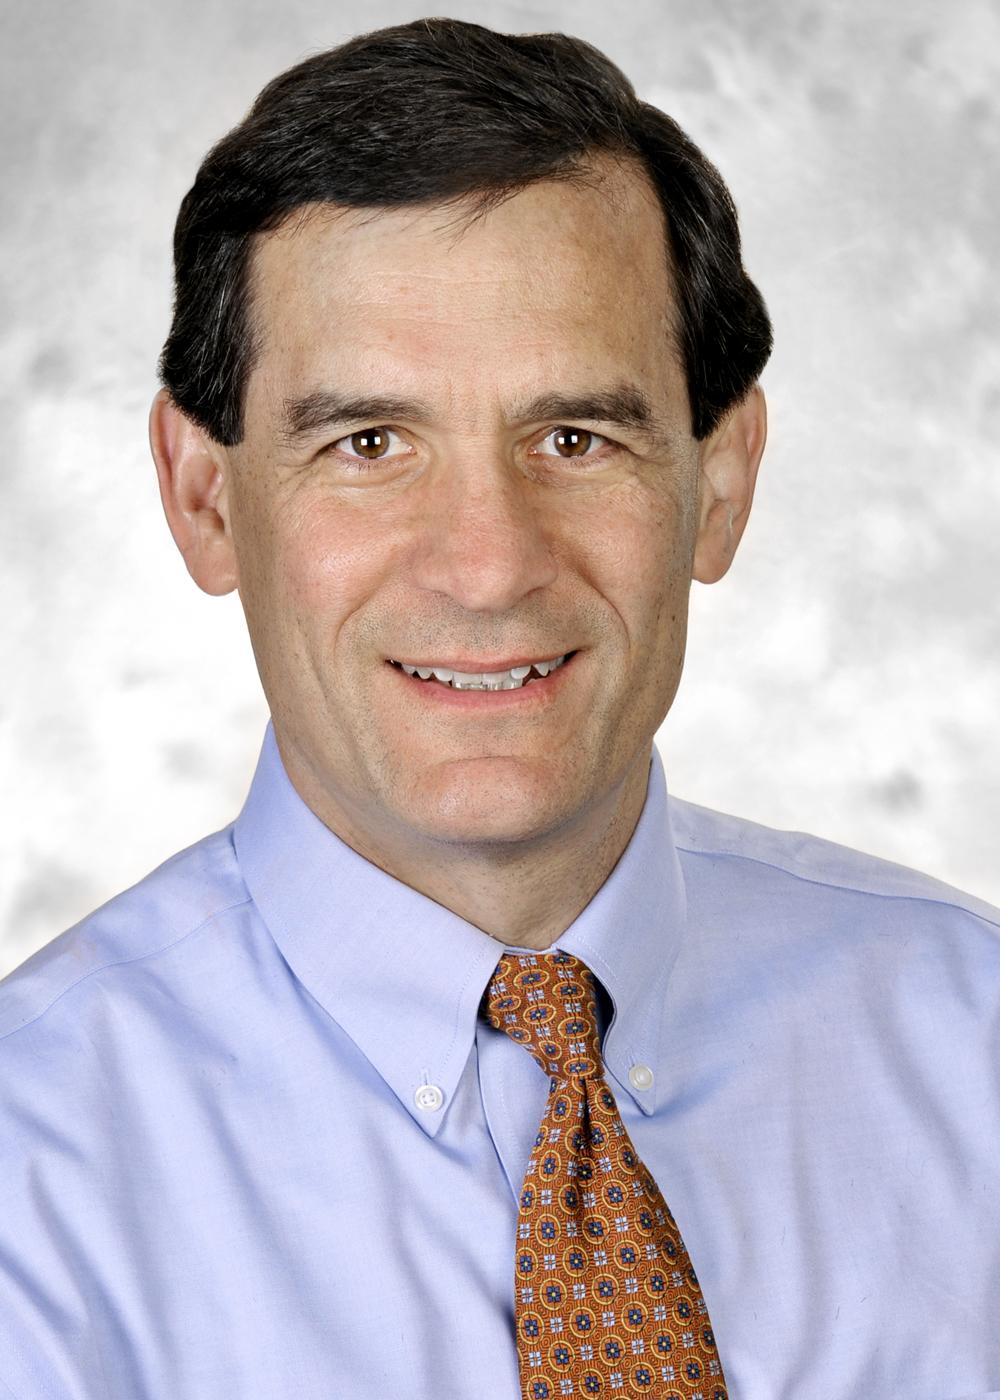 Dr. Jody Rich